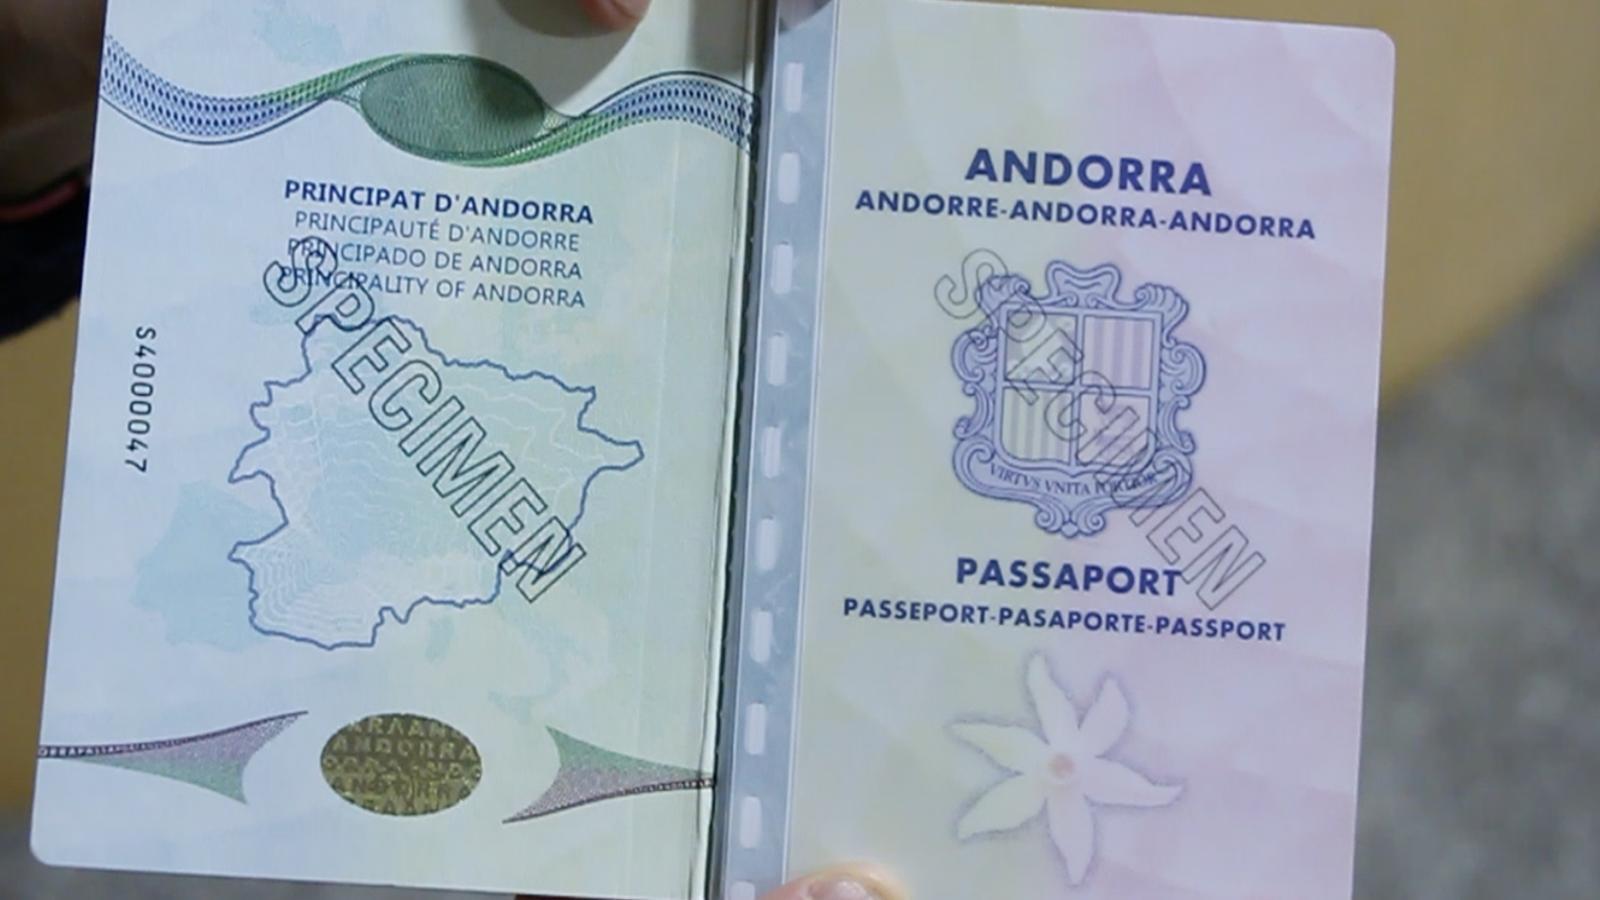 Un passaport andorrà. / M. M.